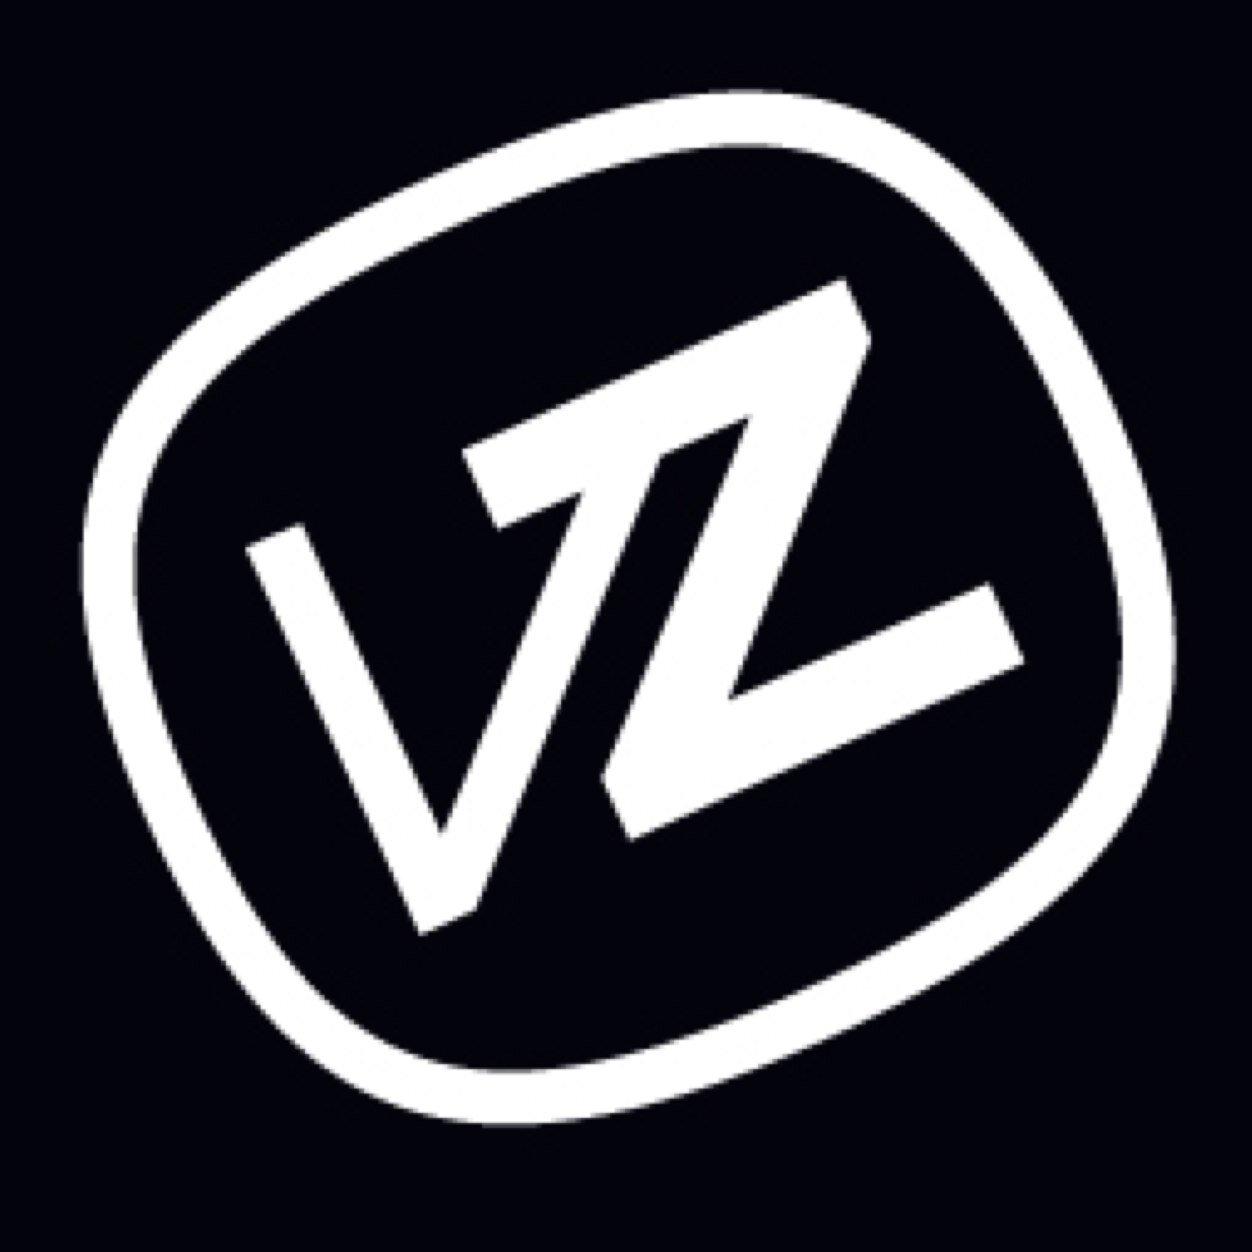 @VonZipperSA